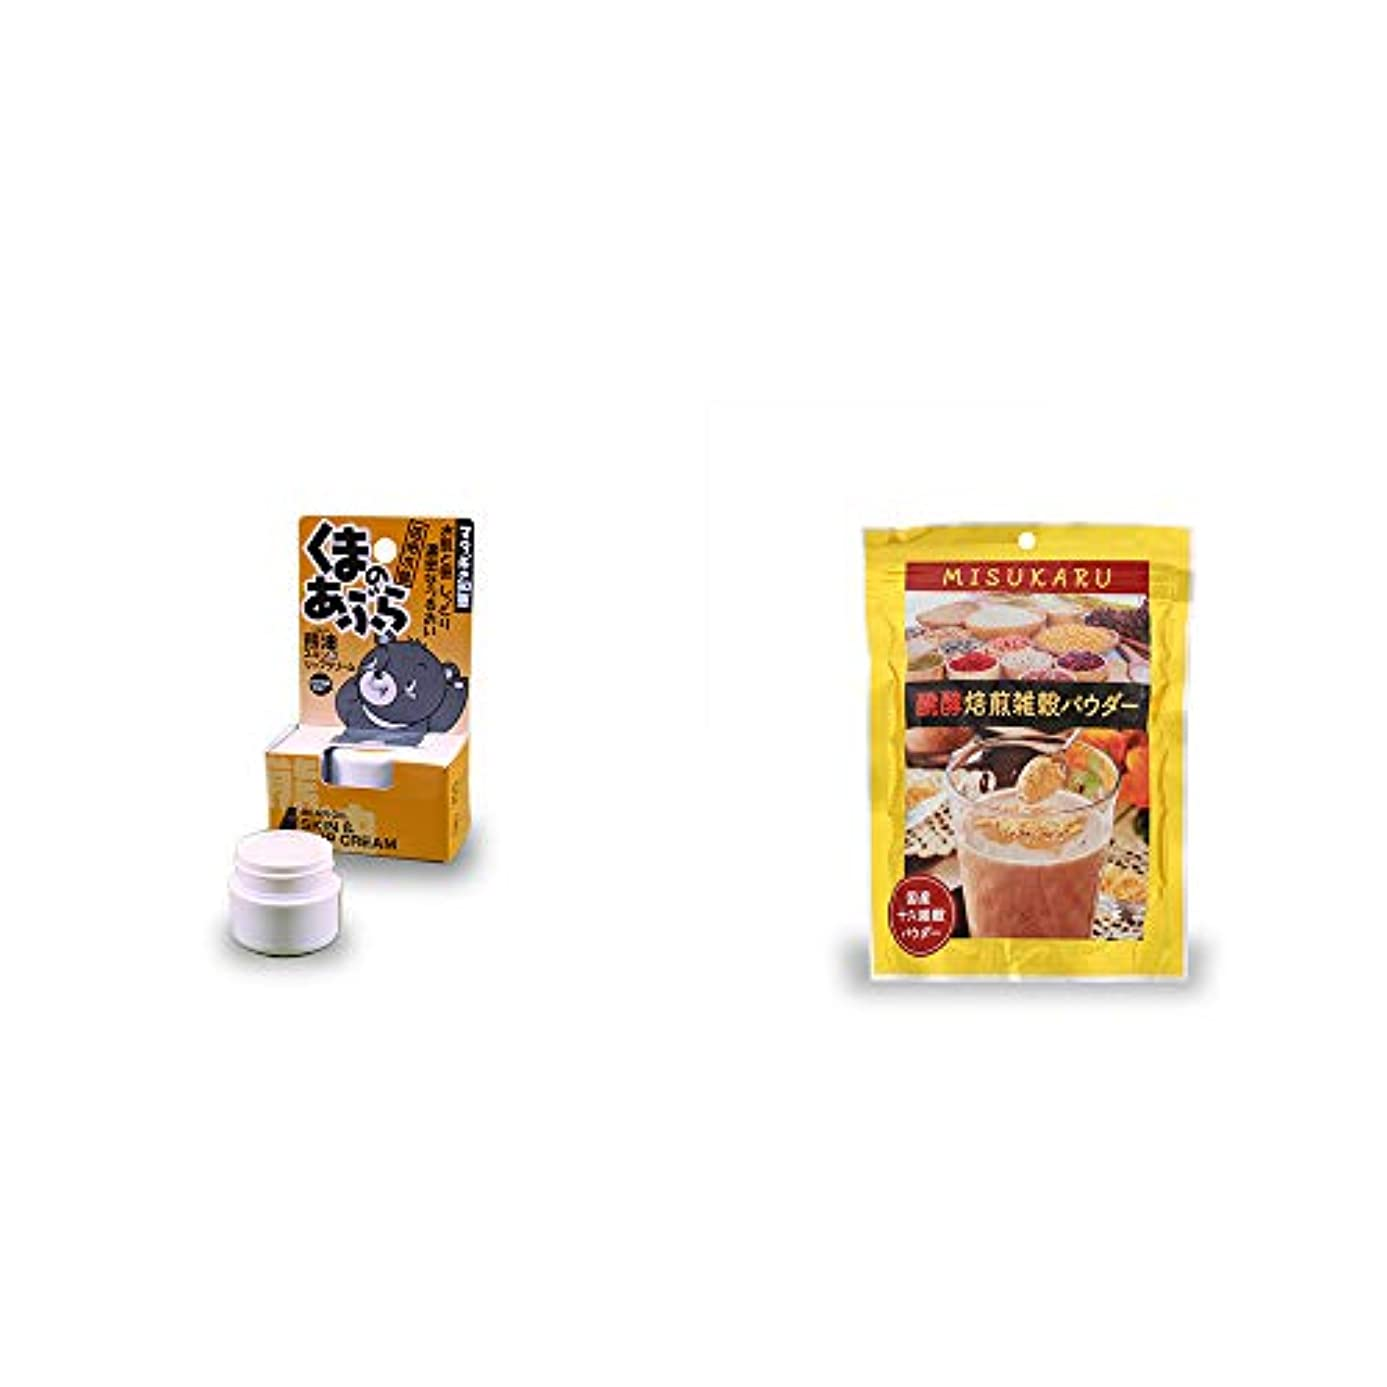 検出器引き出すフレキシブル[2点セット] 信州木曽 くまのあぶら 熊油スキン&リップクリーム(9g)?醗酵焙煎雑穀パウダー MISUKARU(ミスカル)(200g)